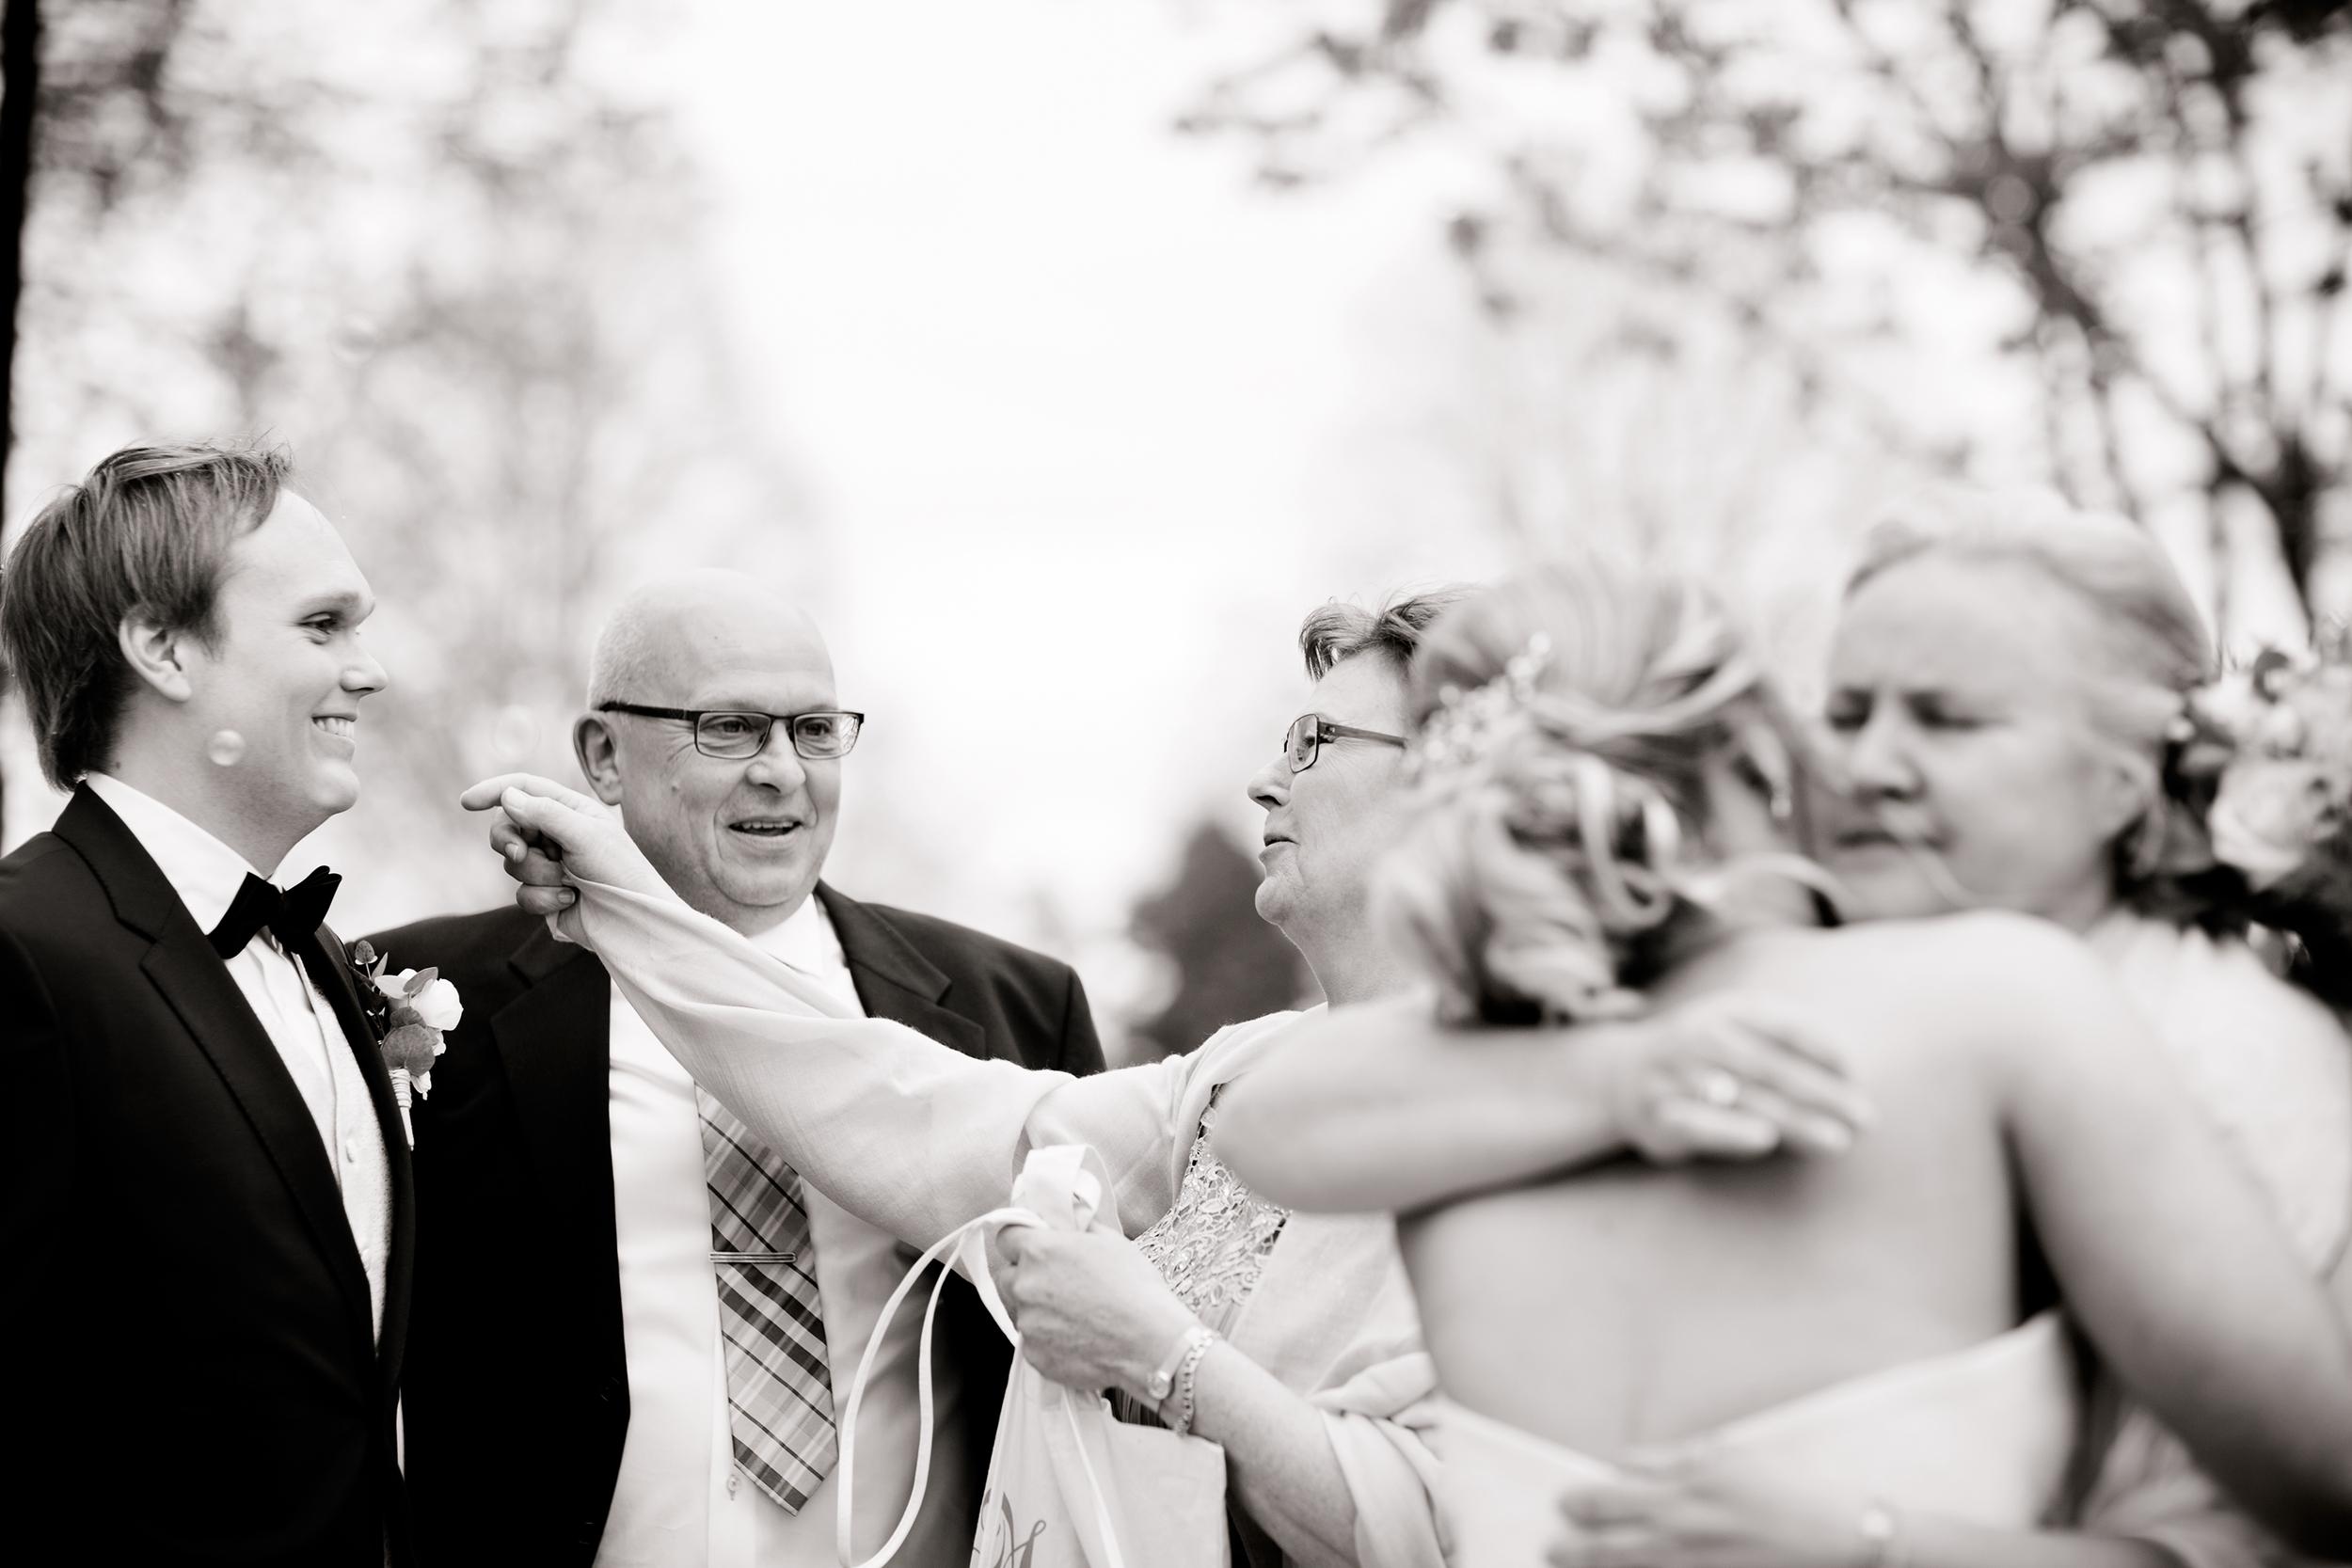 Bröllopsfotograf-turinge-vidbynäs-gård18.jpg